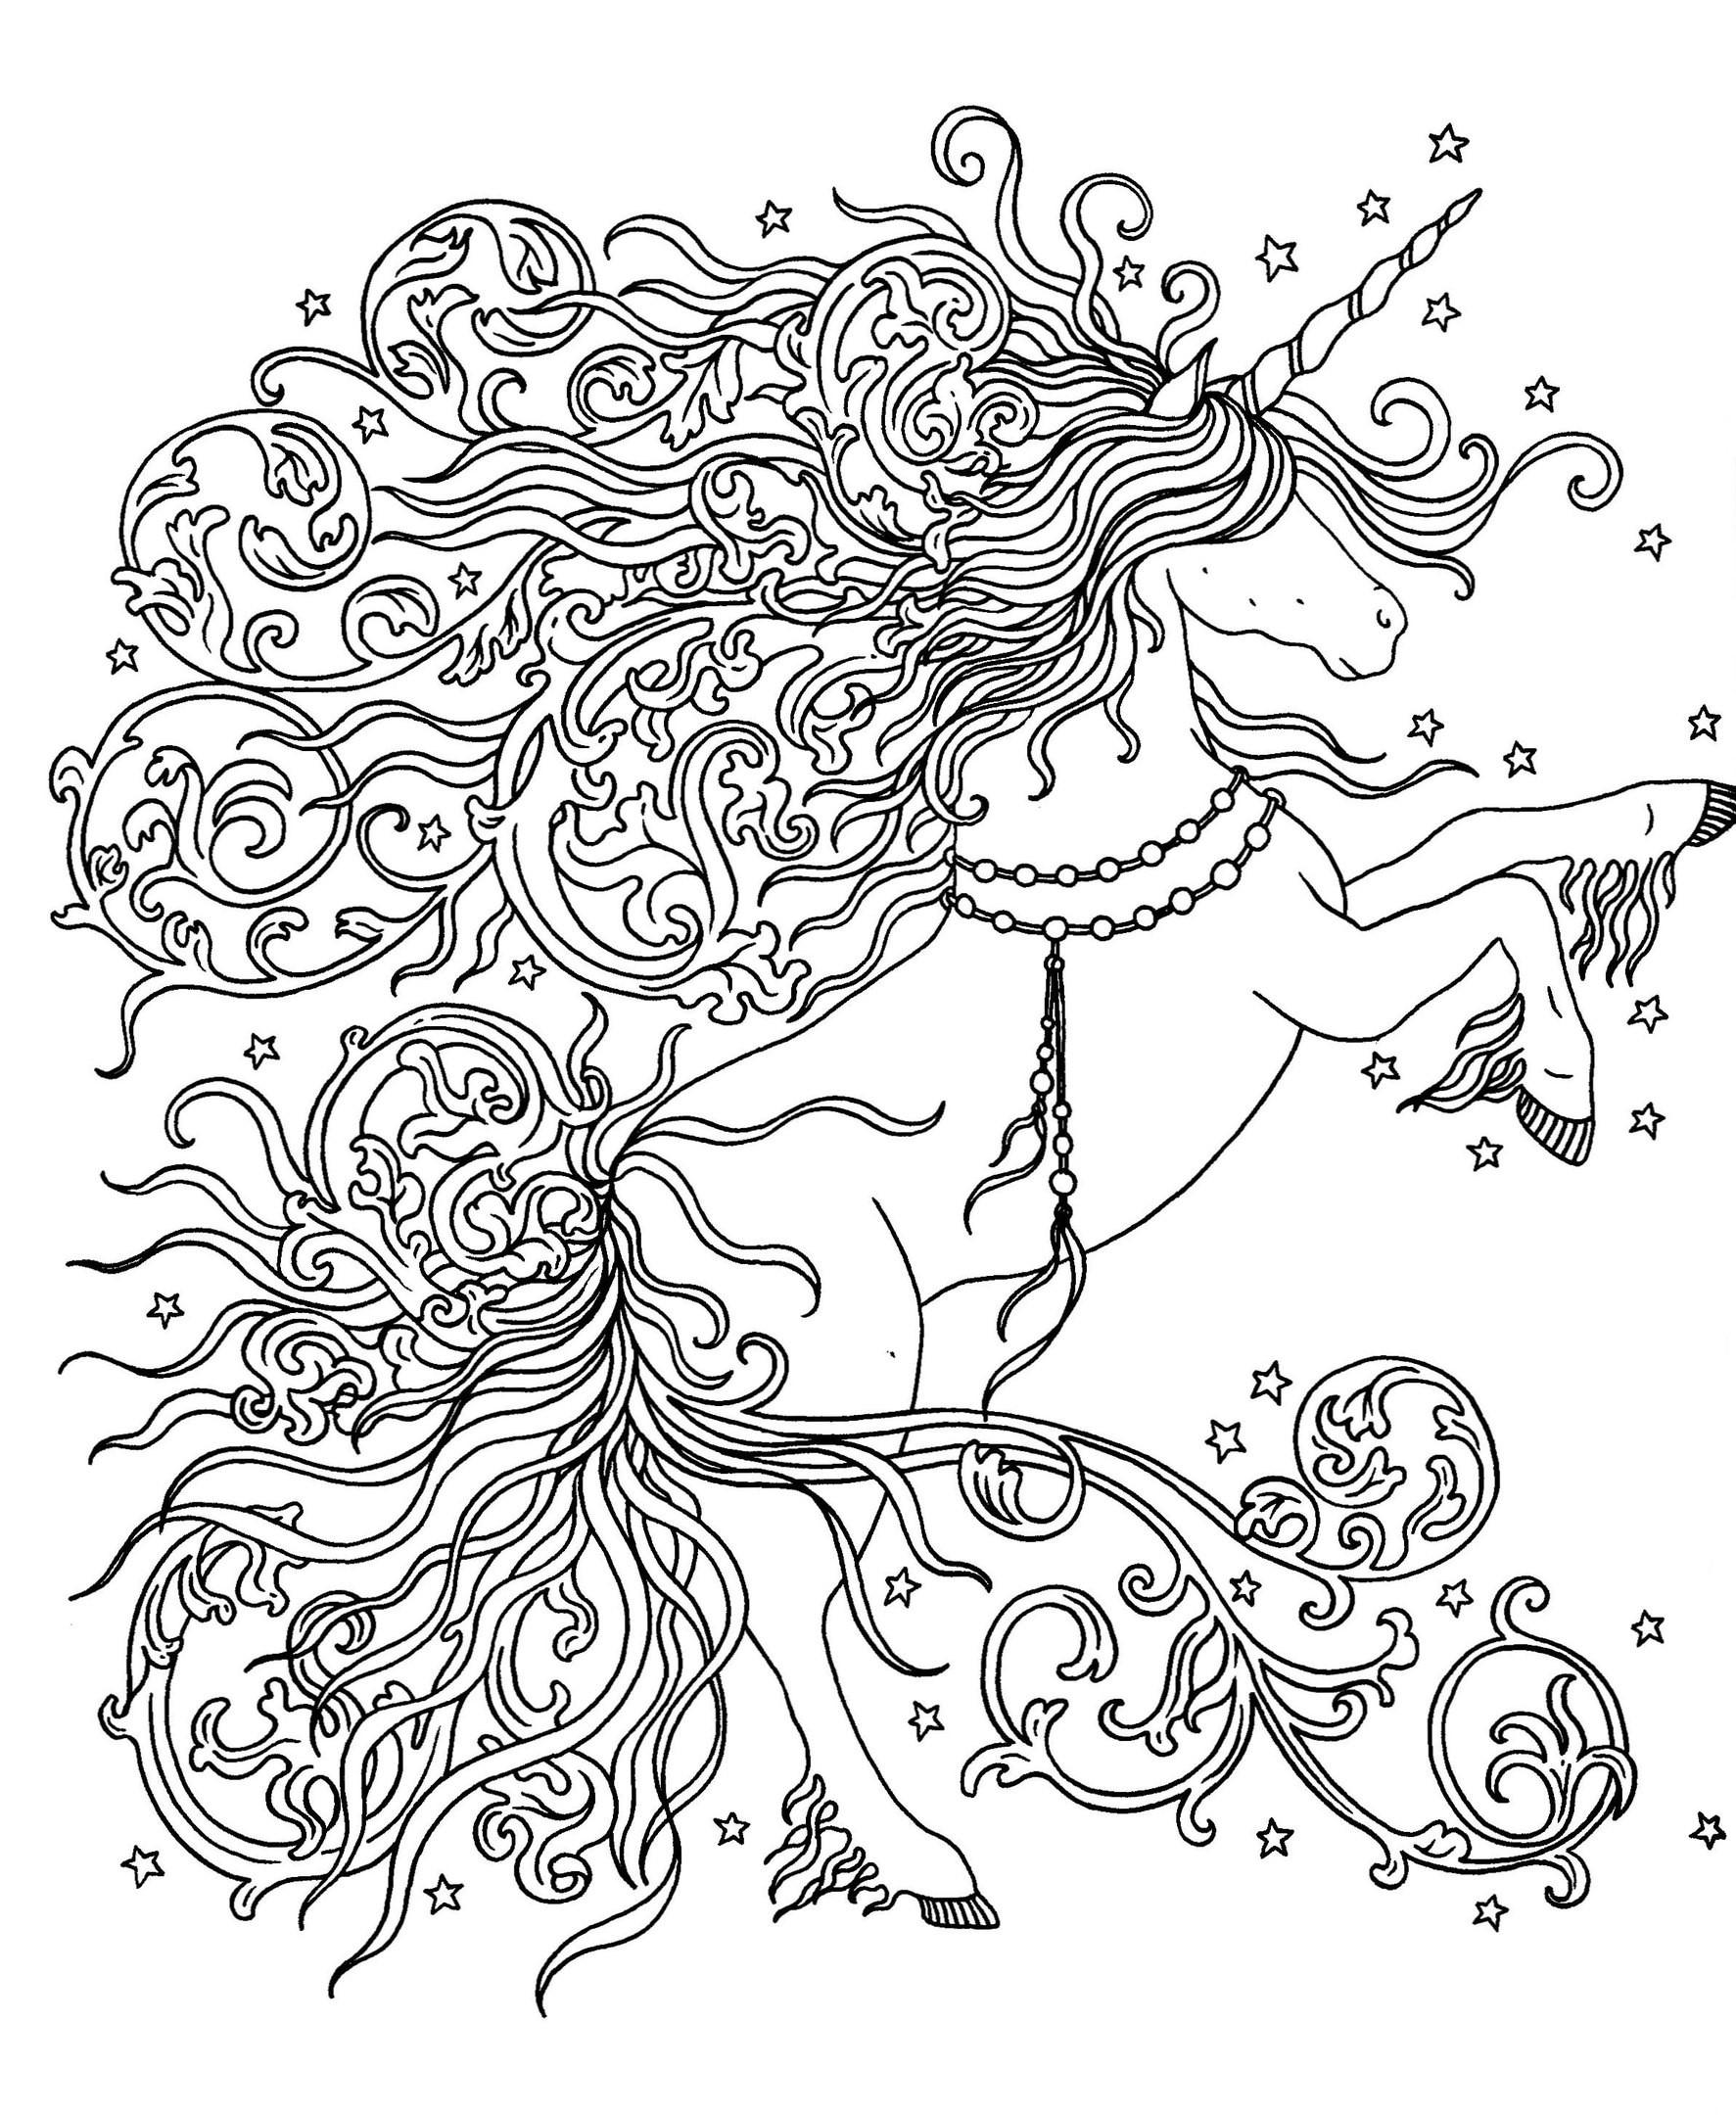 Раскраски антистресс «Единорог с волшебной гривой», чтобы распечатать